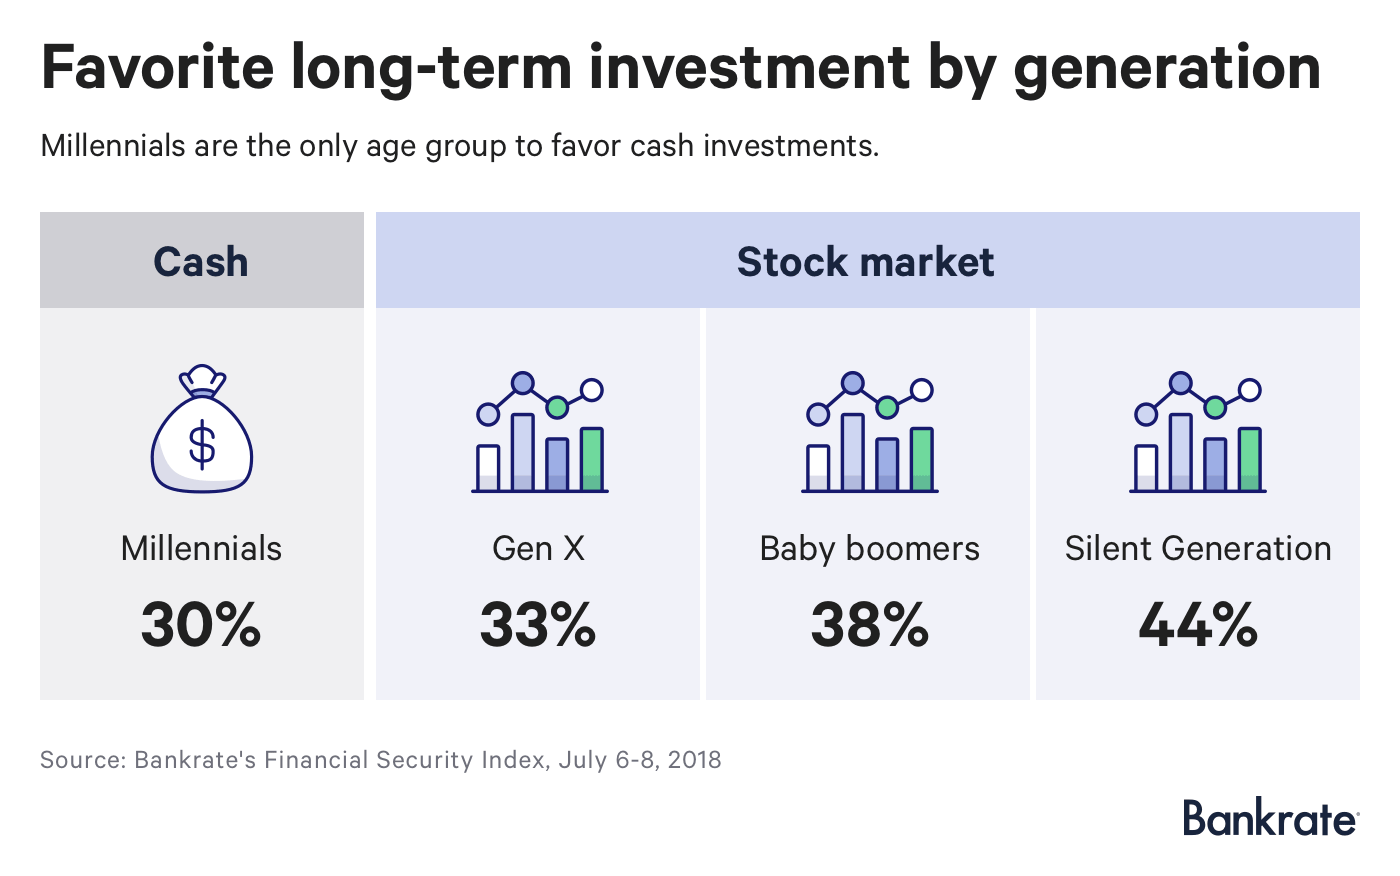 Инвестиционные предпочтения нескольких поколений